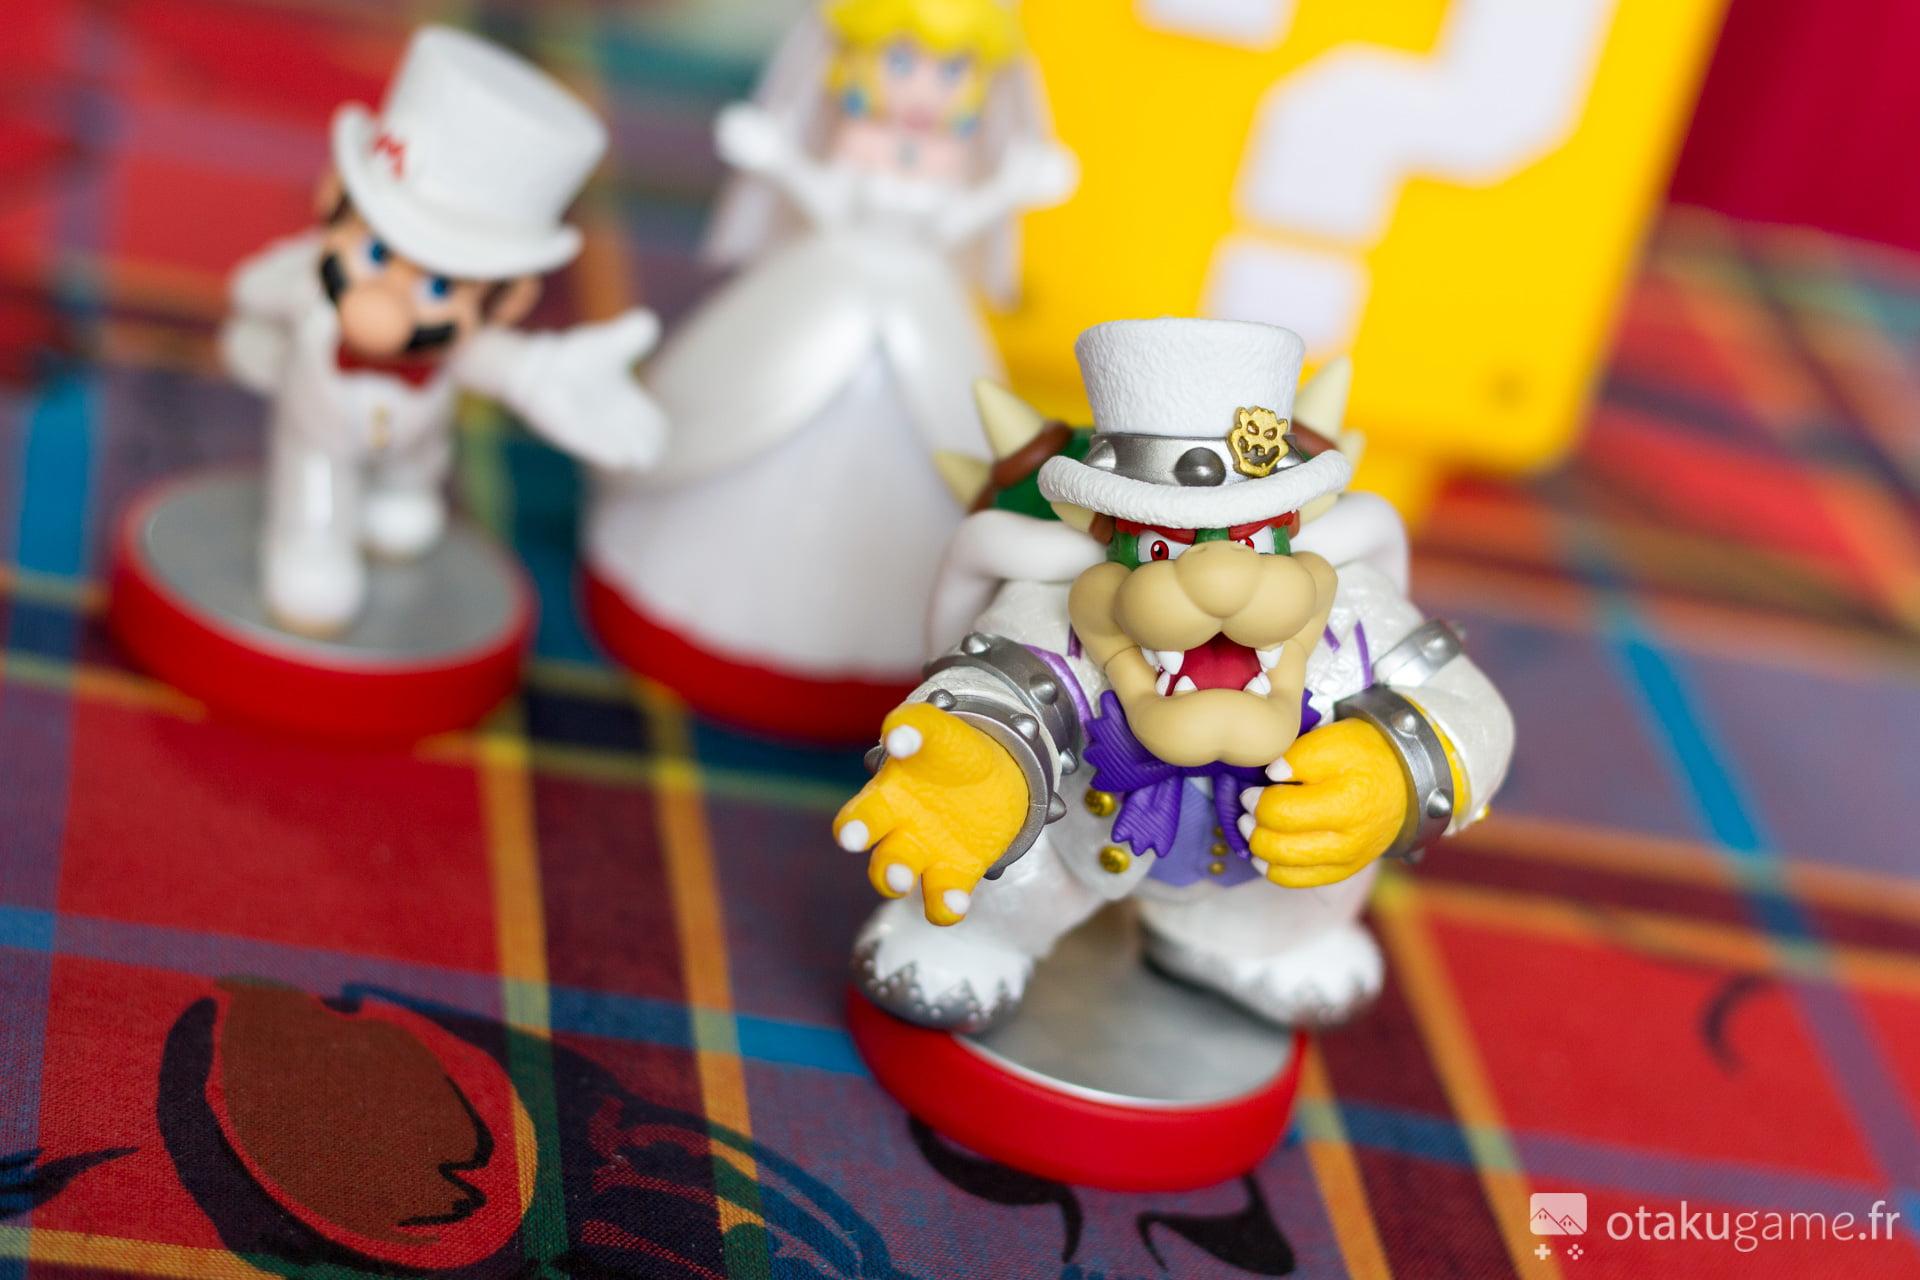 Les Amiibo Mario Odyssey en tenue de mariée sont magnifiques !